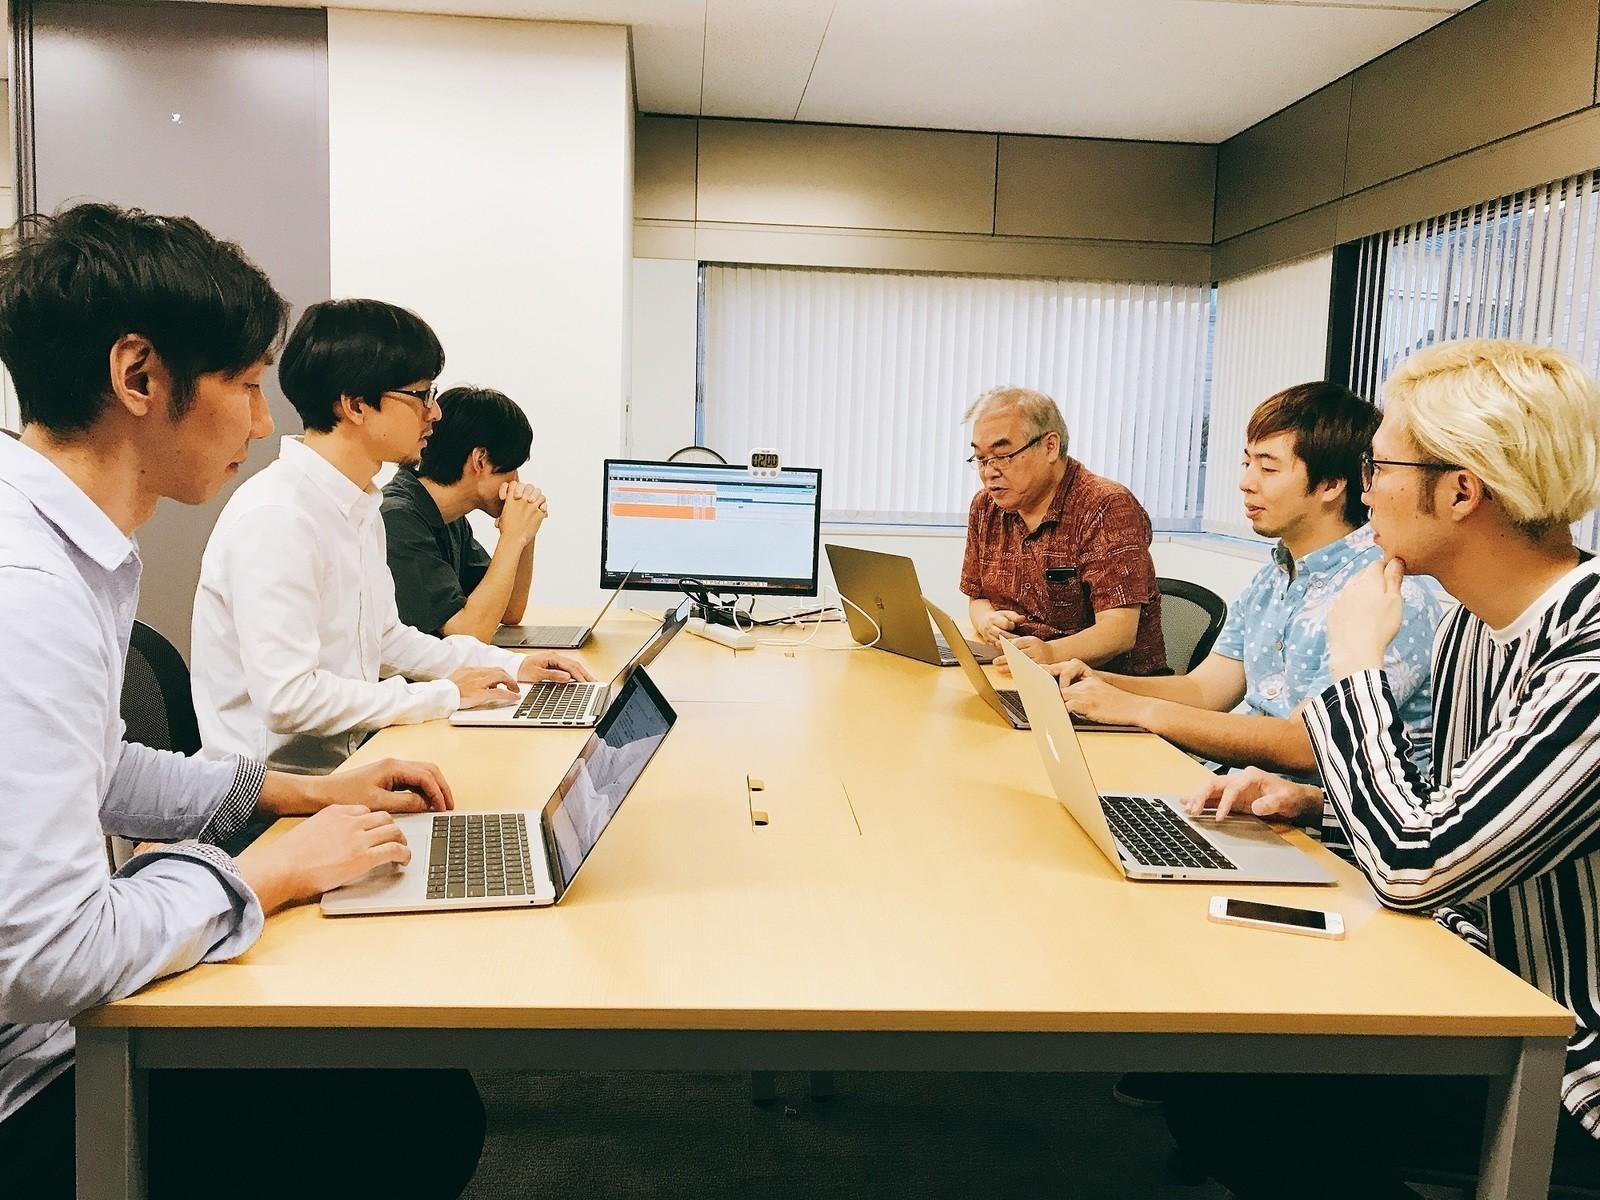 急成長するクラウドファンディングサービス「Readyfor」のフロントエンドエンジニア募集!